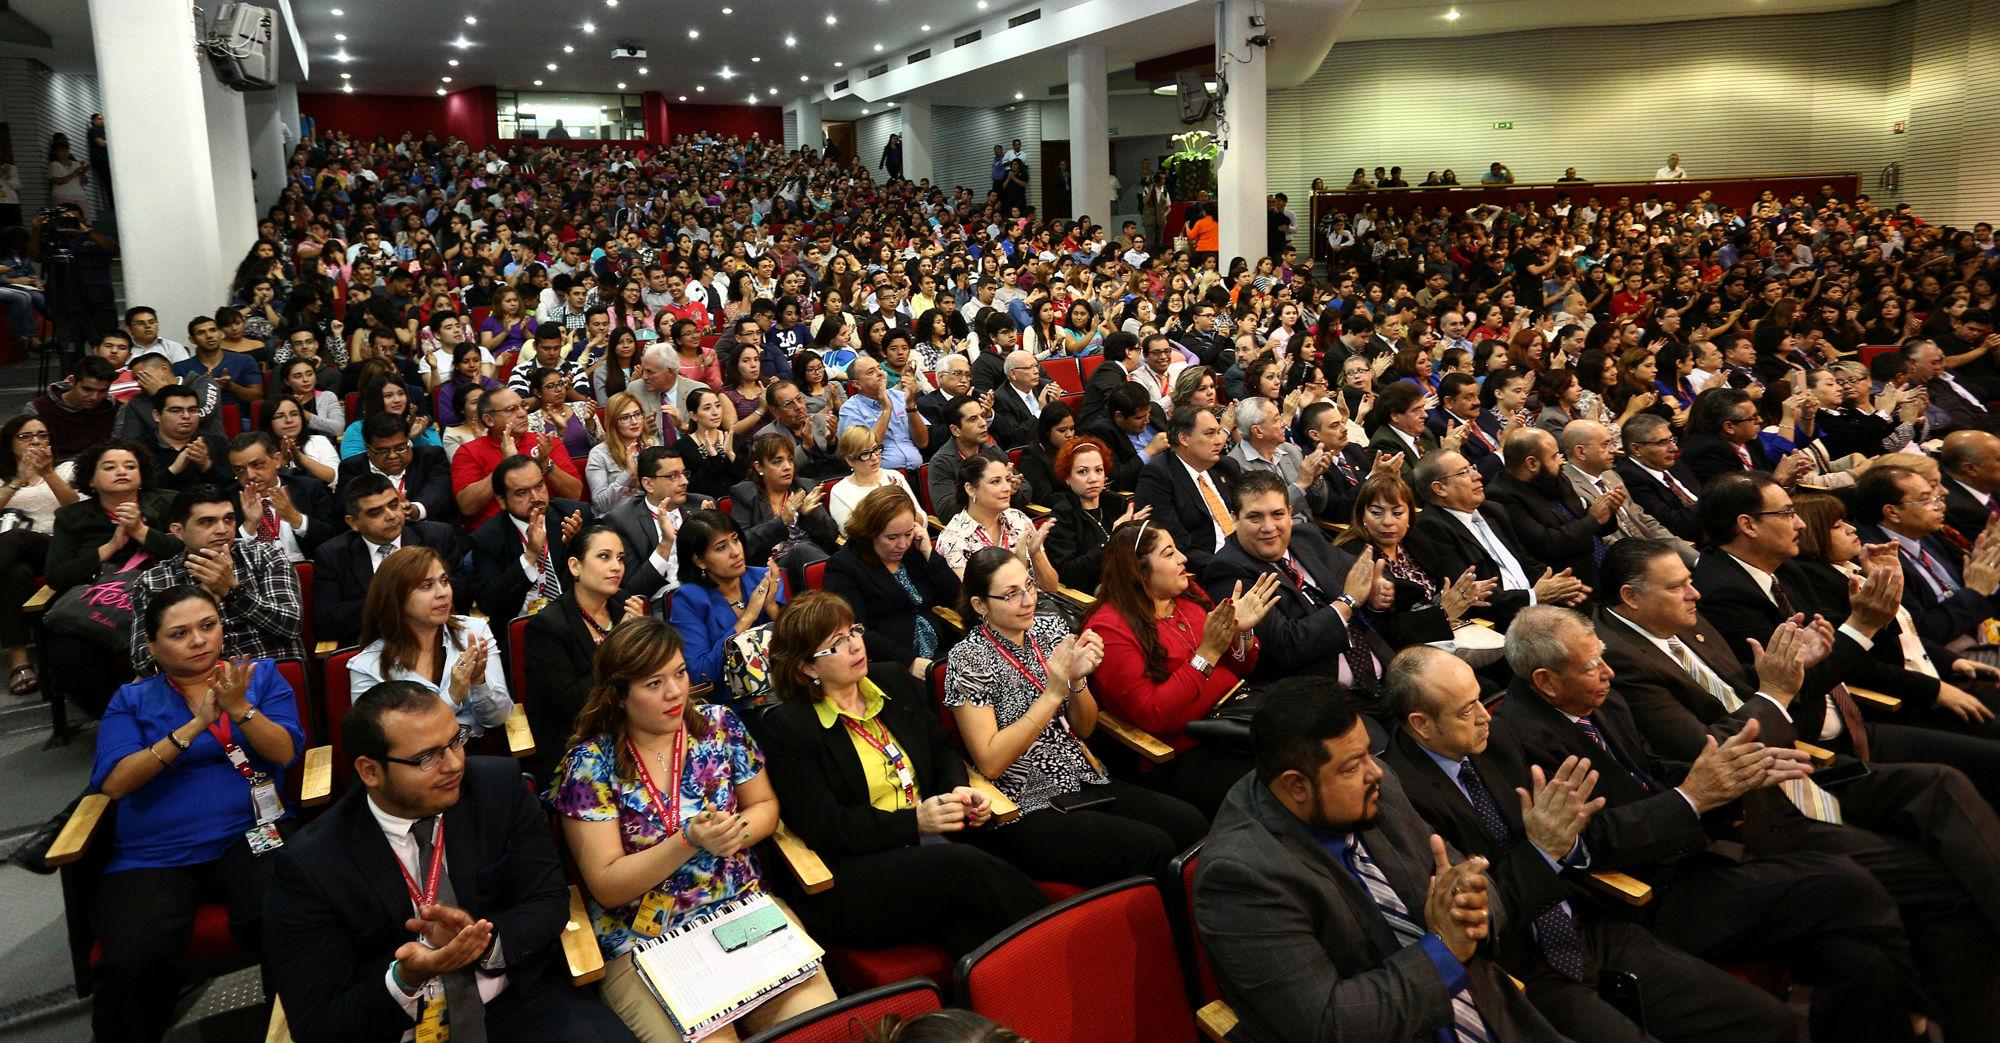 Estudiantes, trabajadores, docentes e investigadores se reunieron en el auditorio para atestiguar la entrega